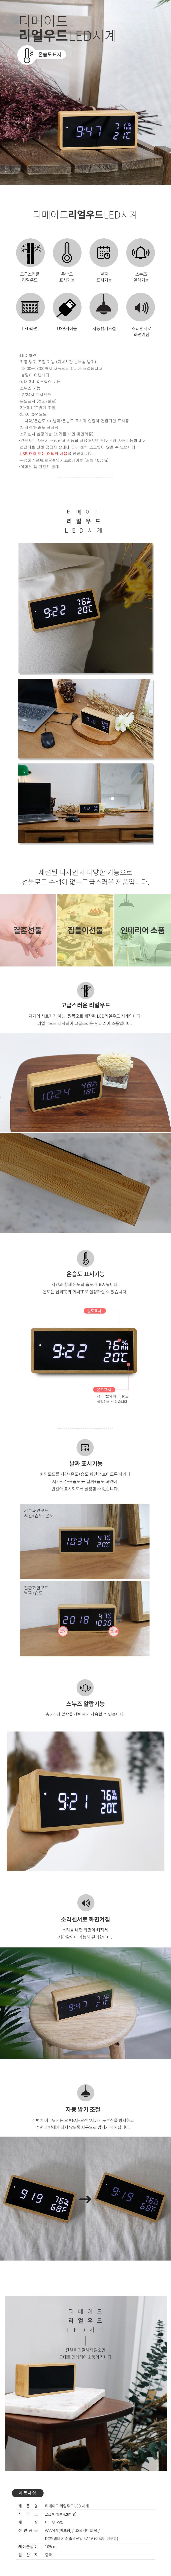 리얼우드 LED 시계 - 온습도 표시 - 티메이드, 28,500원, 알람/탁상시계, LED/디지털시계